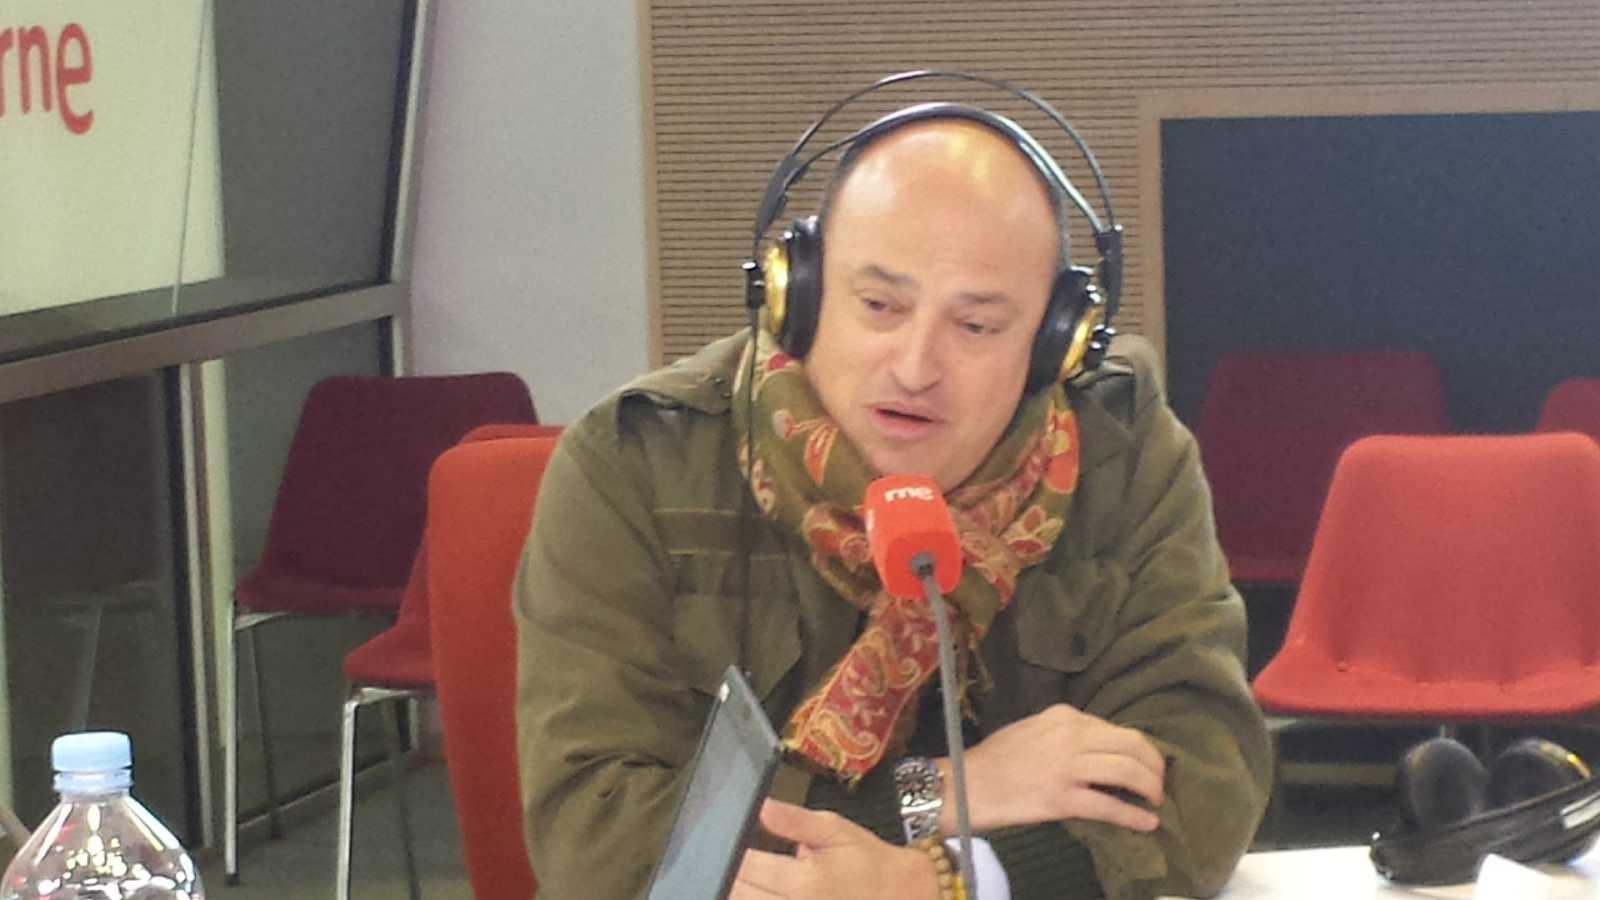 La entrevista de Radio 5 - Eric Frattini - 21/04/21 - Escuchar ahora